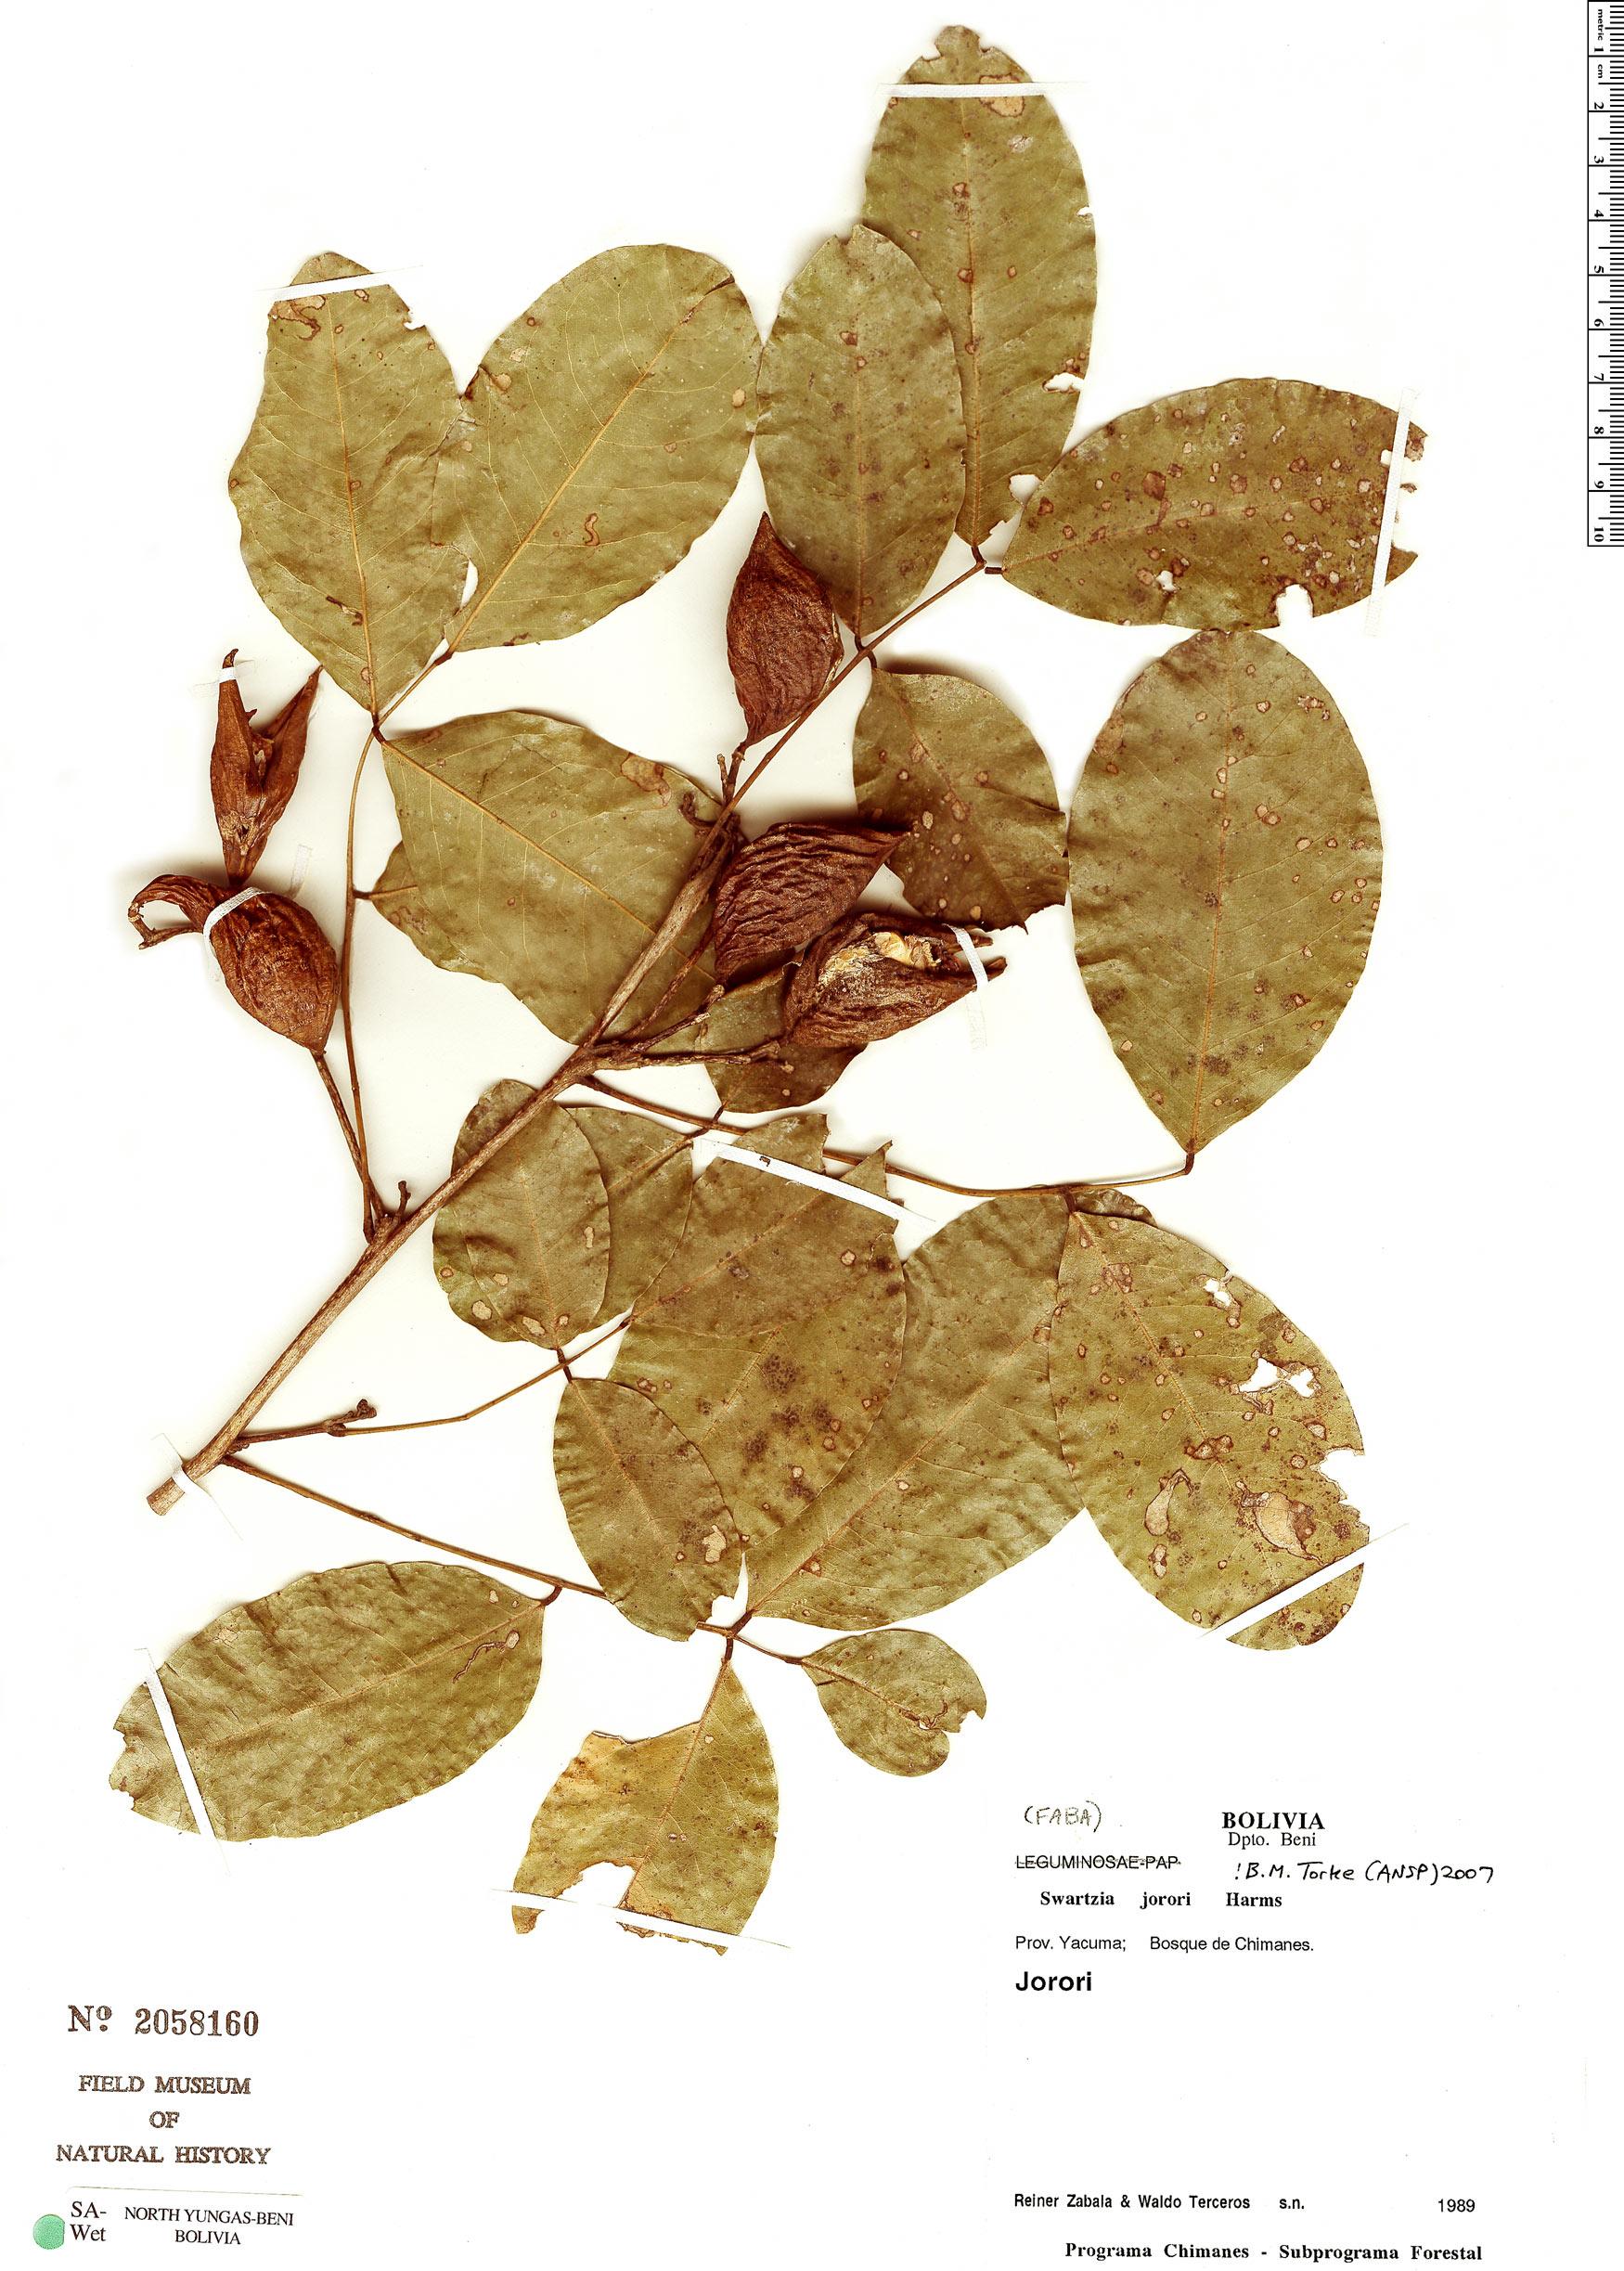 Specimen: Swartzia jorori